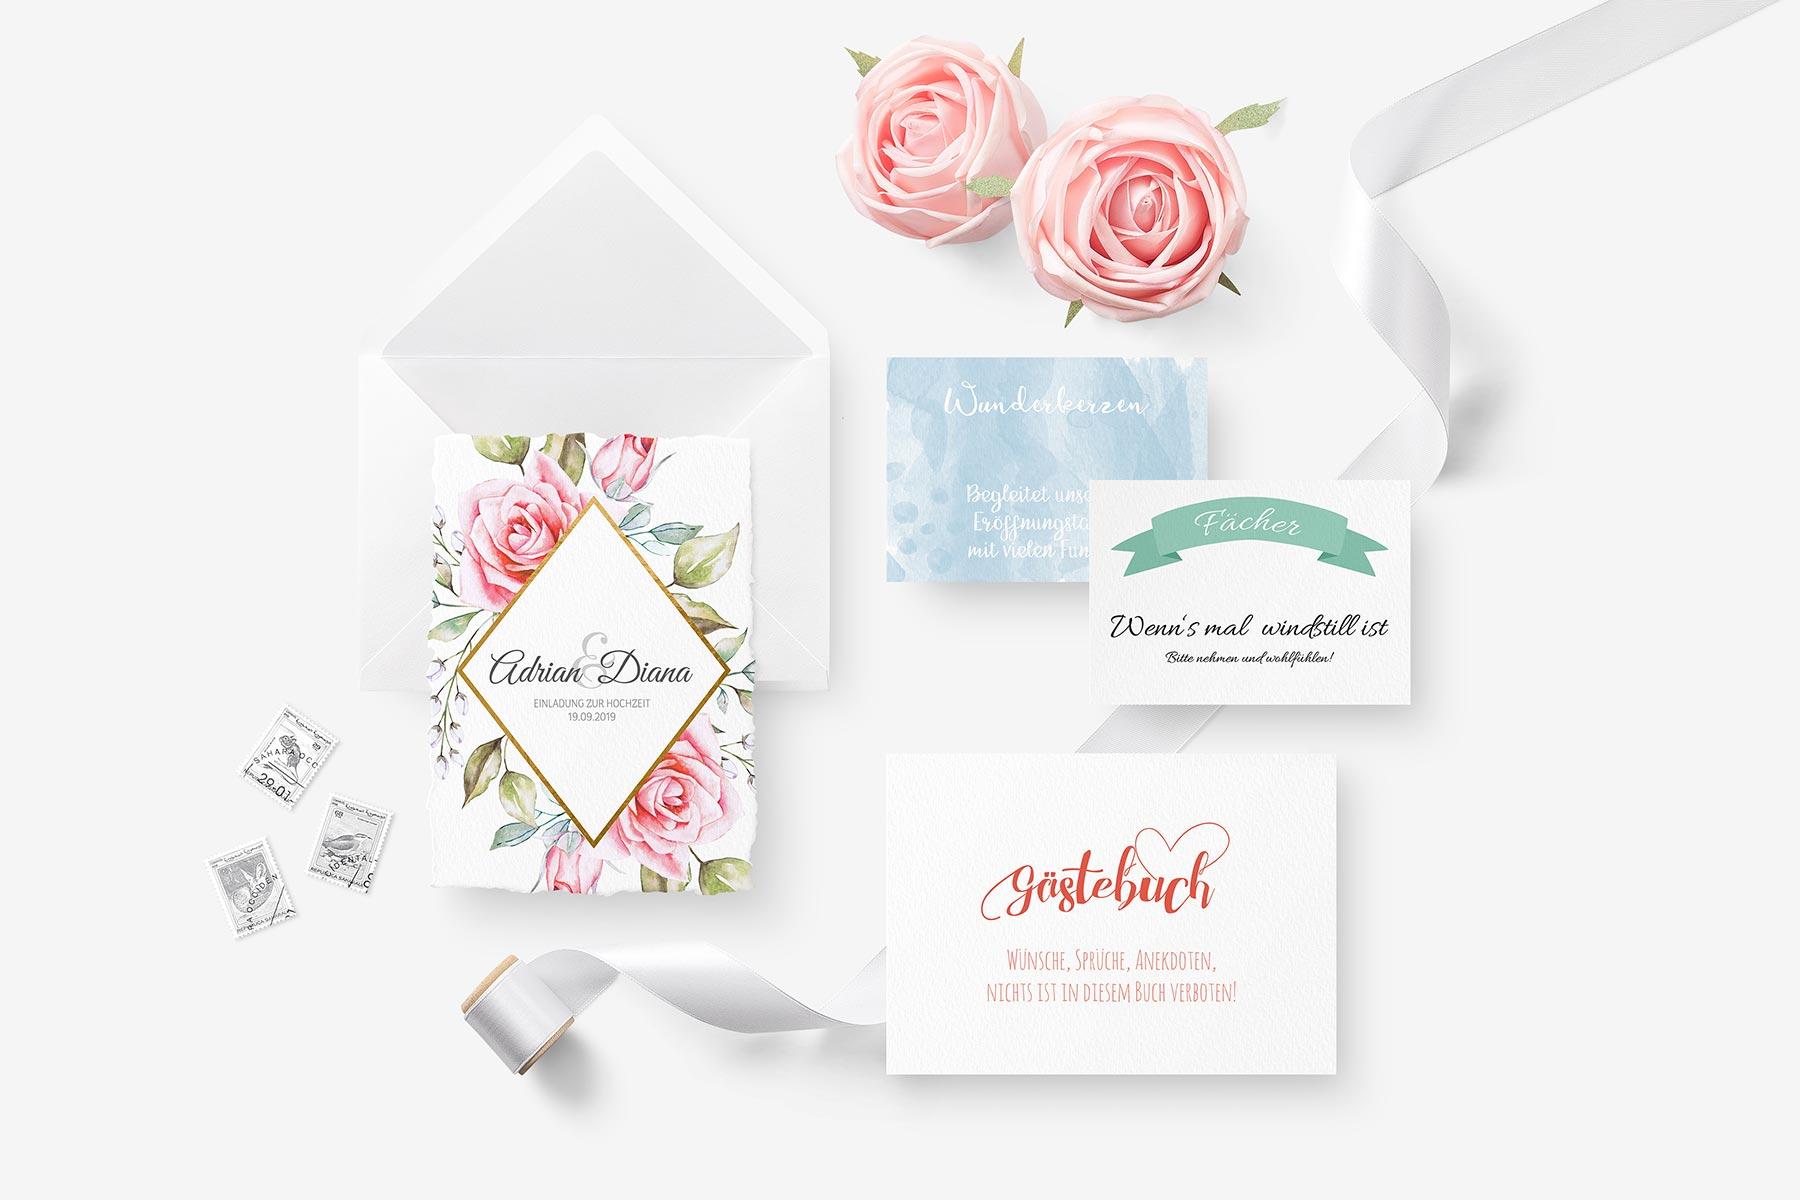 Papeterie Serien von Liebe zur Hochzeit